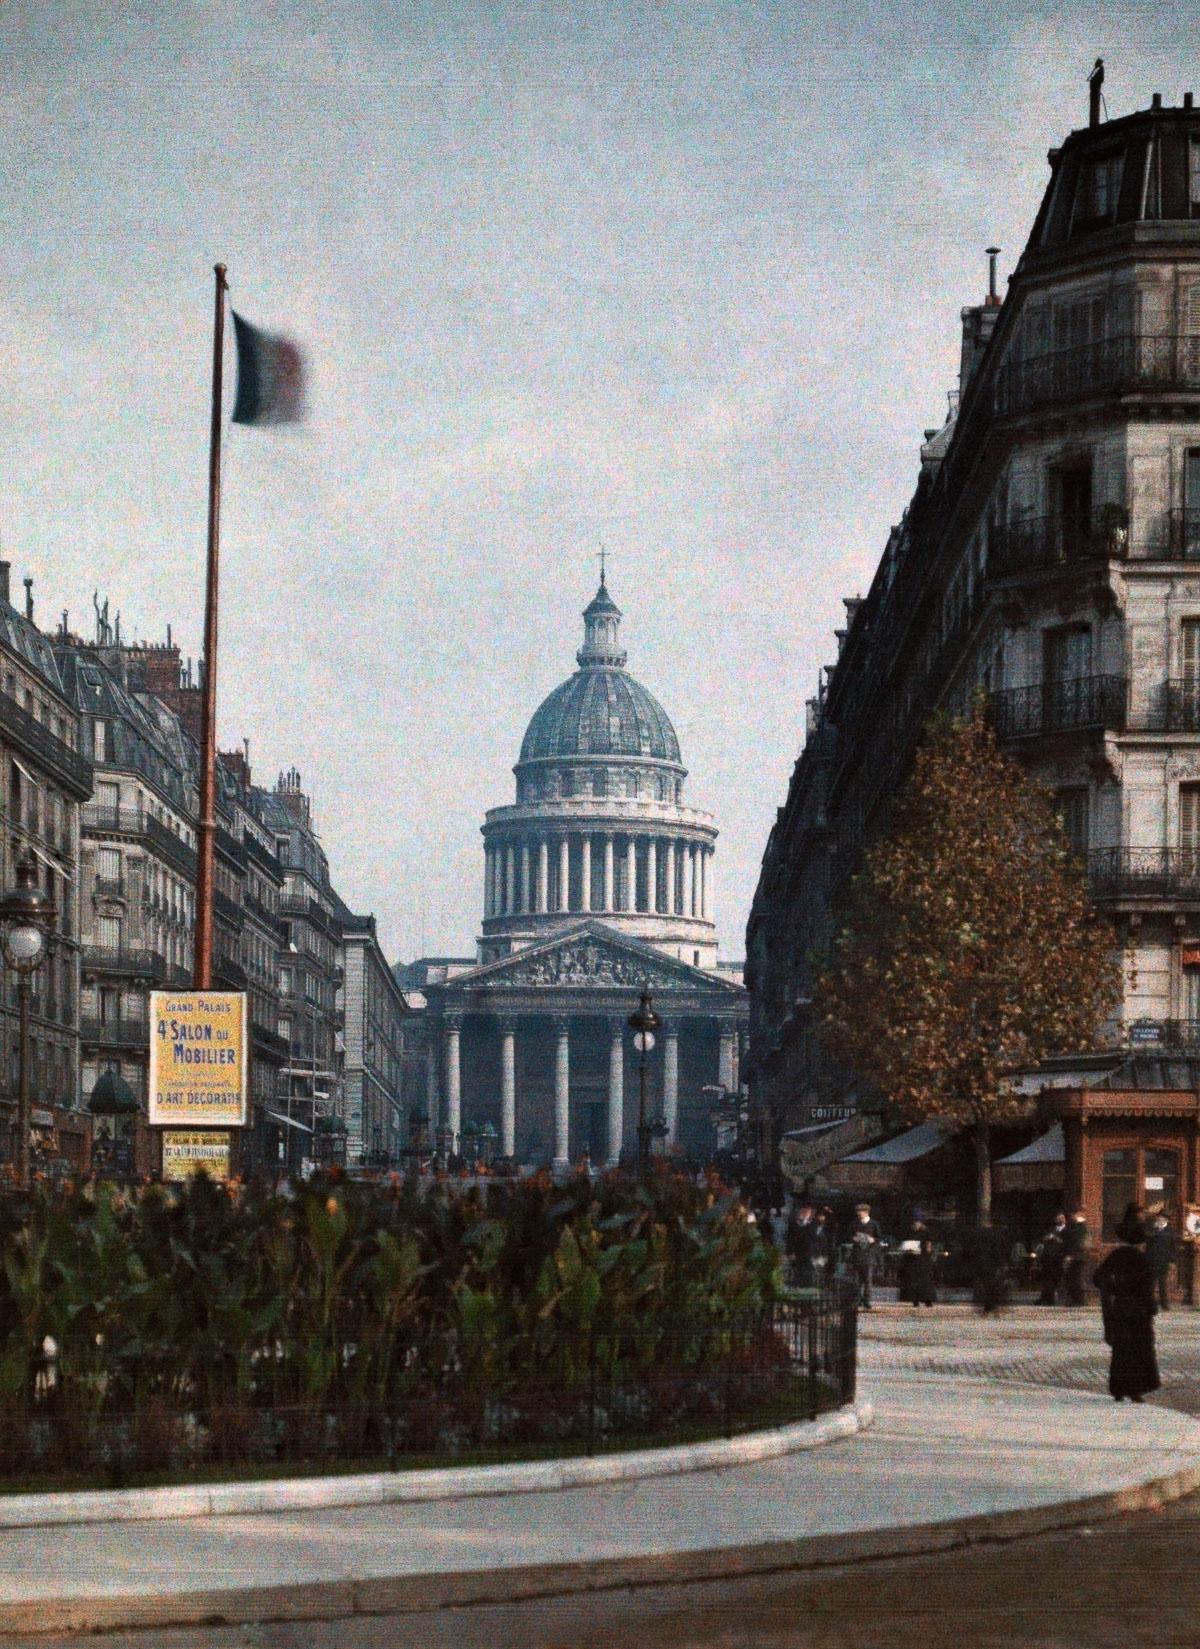 Пантеон, знаменитая достопримечательность в Париже